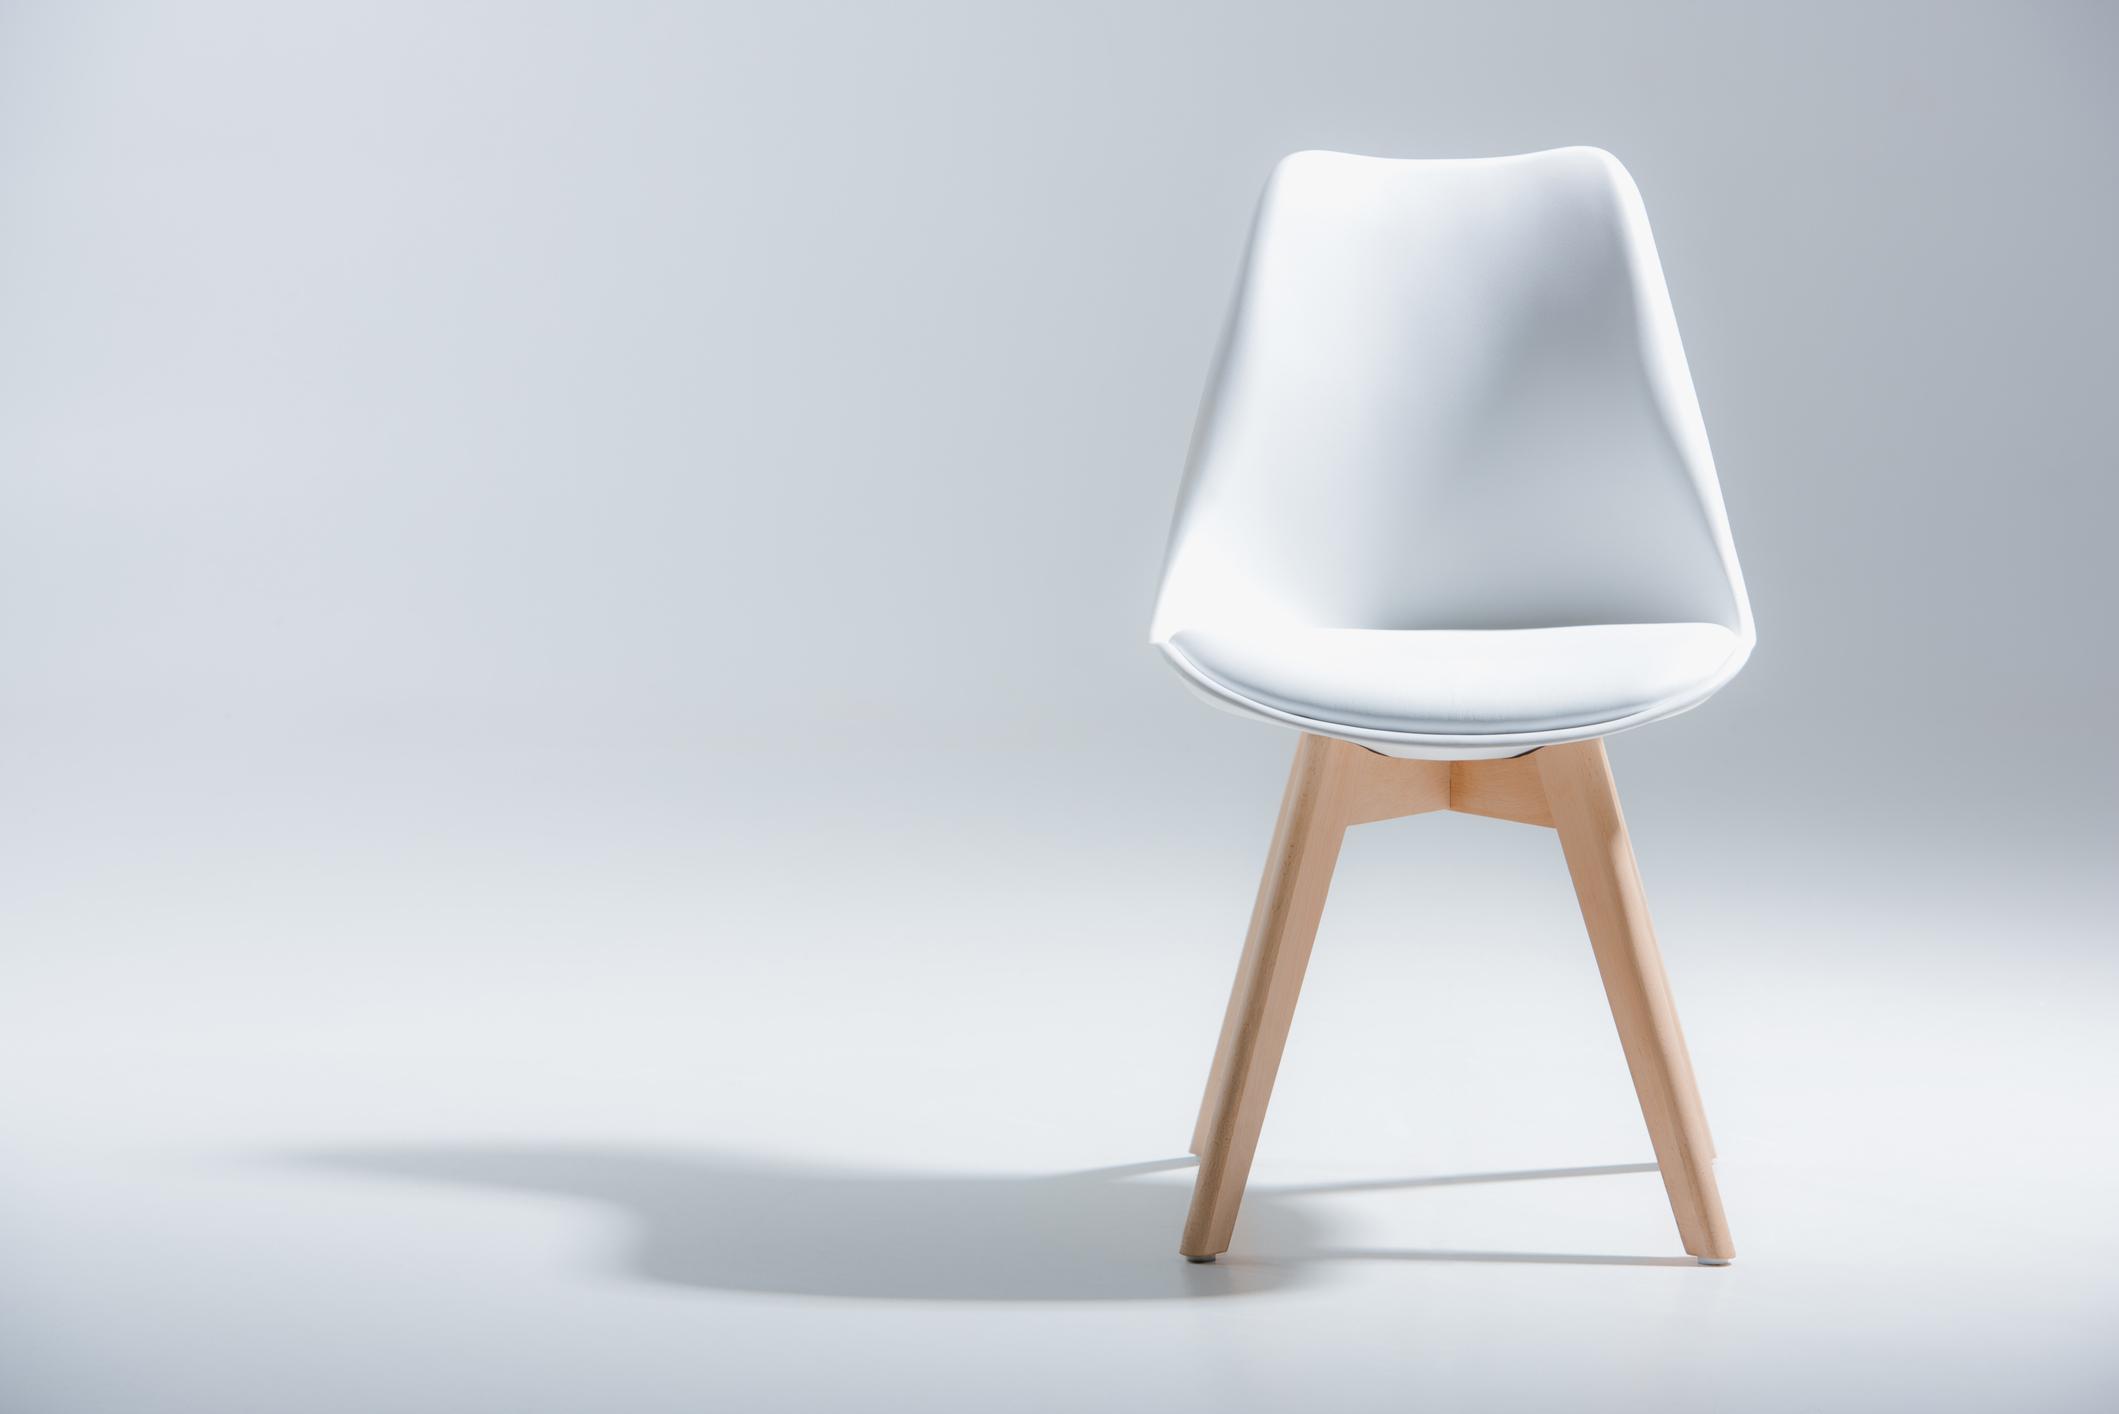 Les différents types de chaises design (tendances 2020)